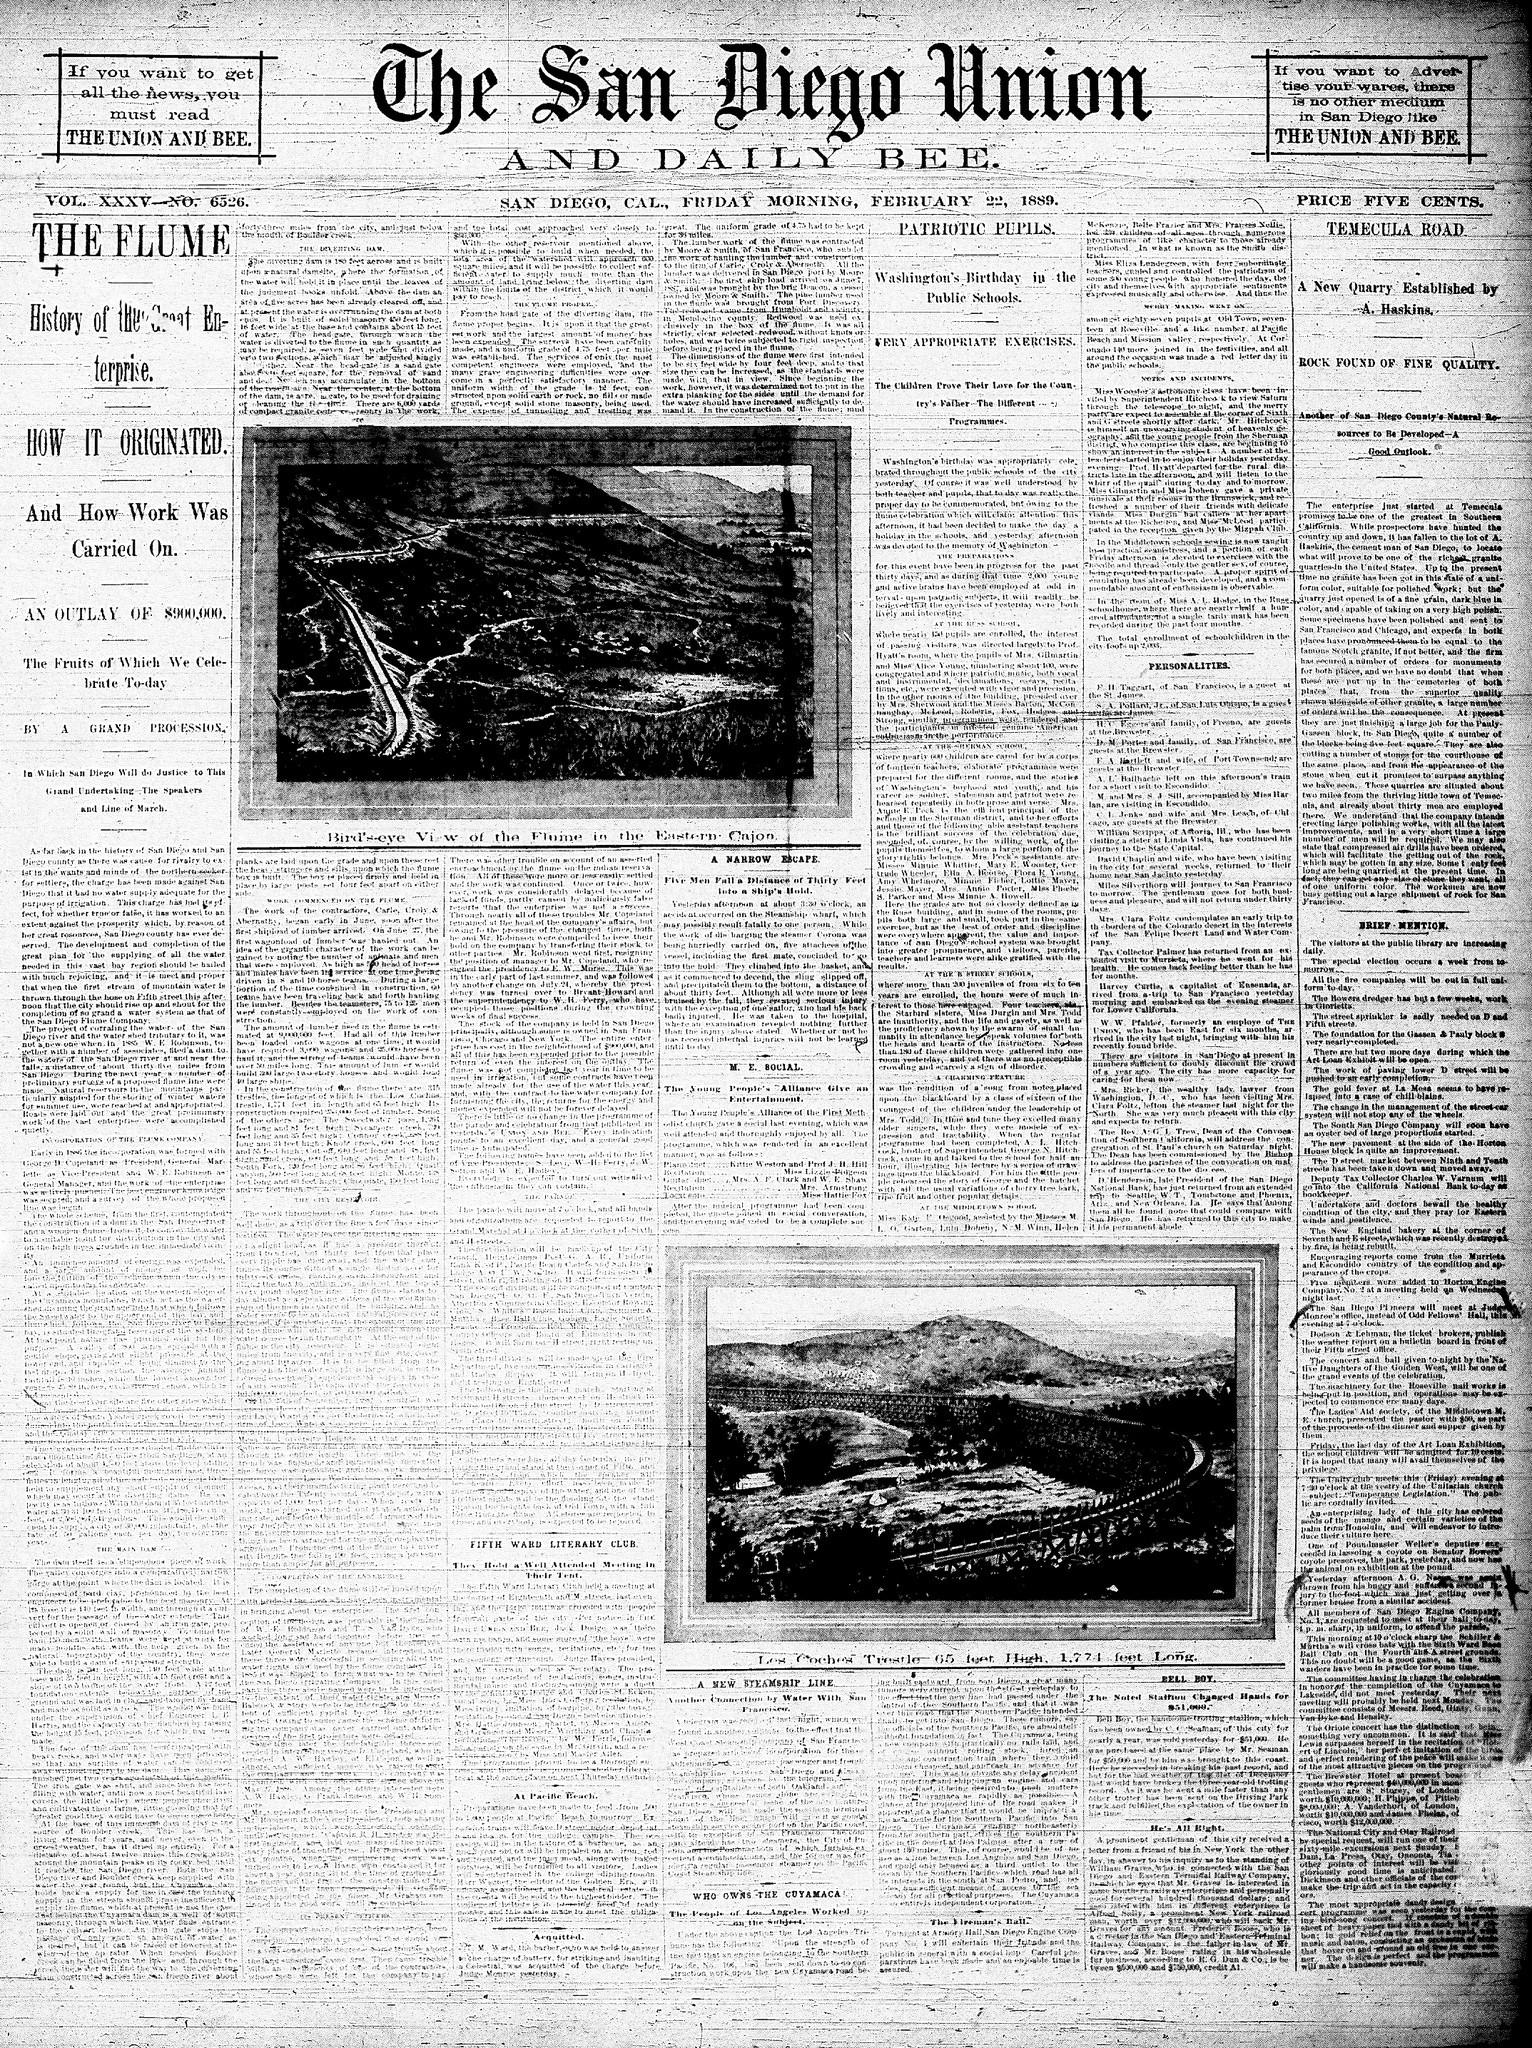 February 22, 1889